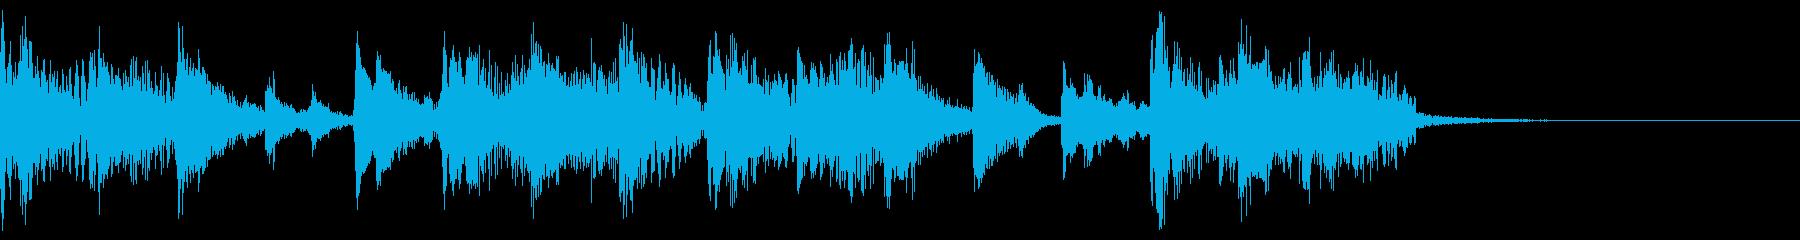 フューチャーベースなジングルの再生済みの波形